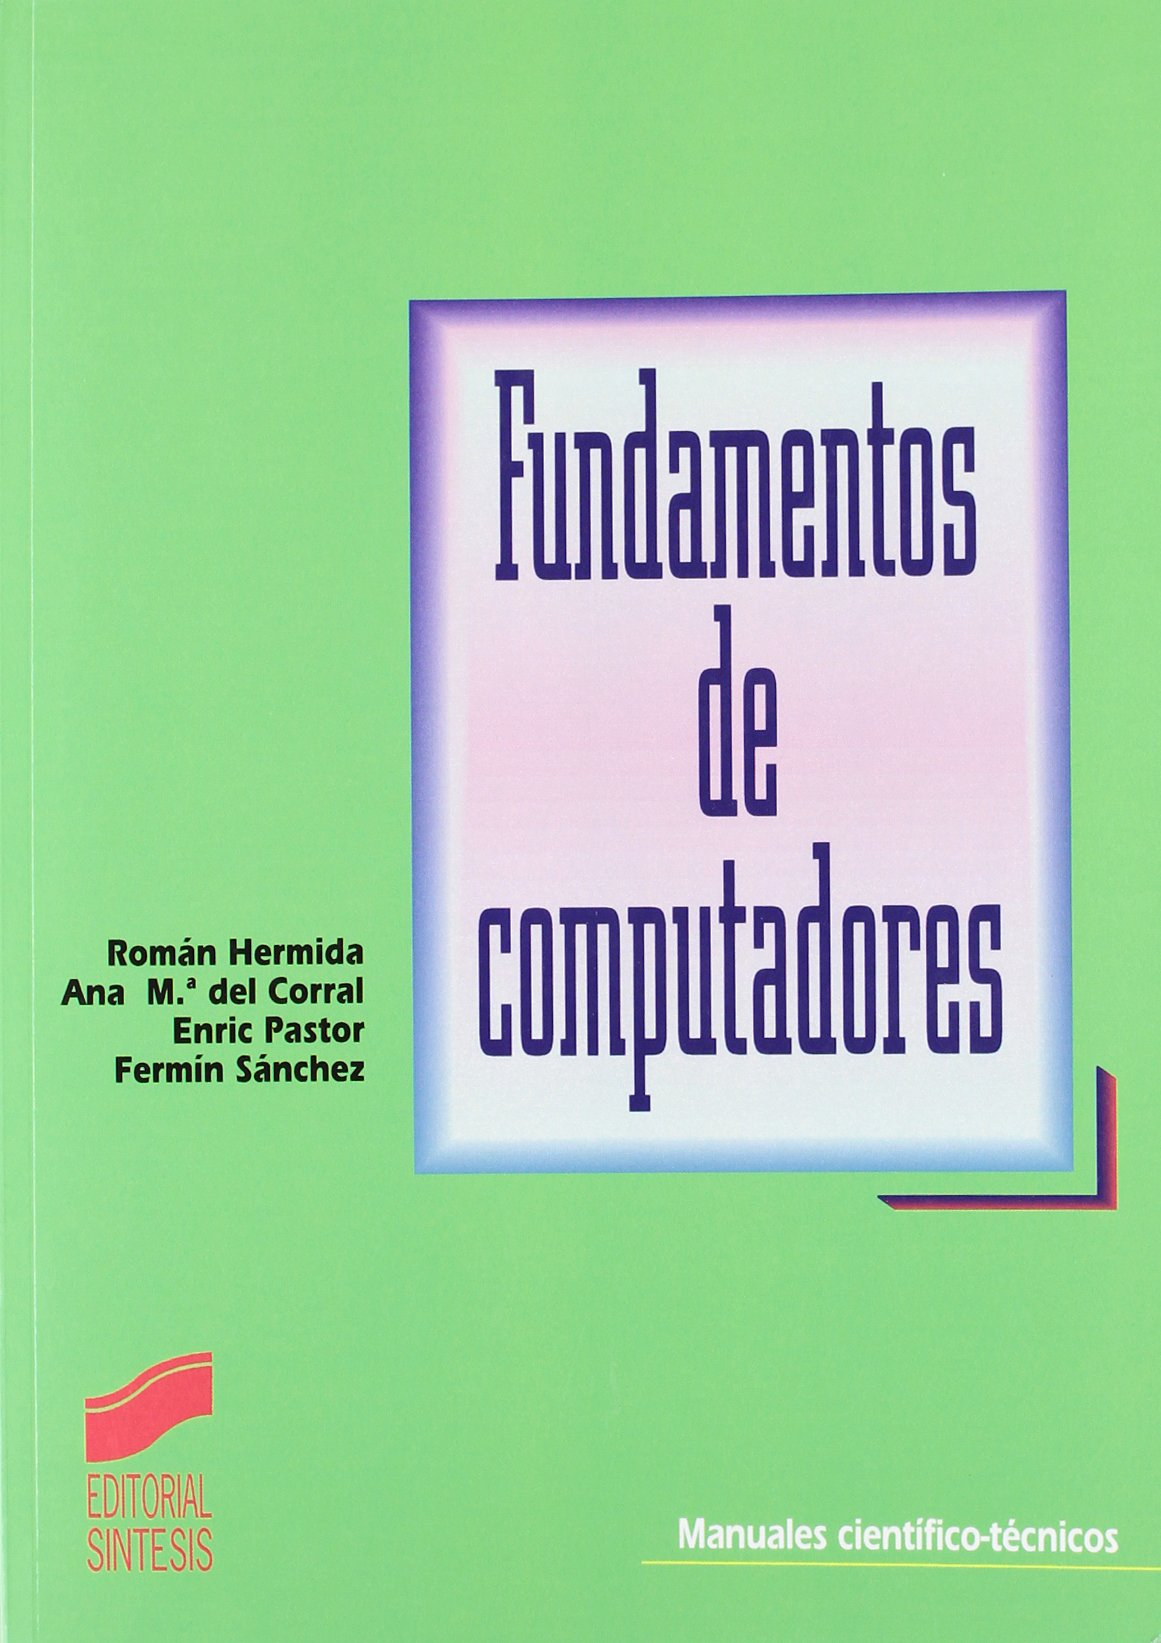 Fundamentos de computadores (Manuales científico-técnicos) Tapa blanda – 1 ago 1998 R. Hermida Sintesis 8477385742 General